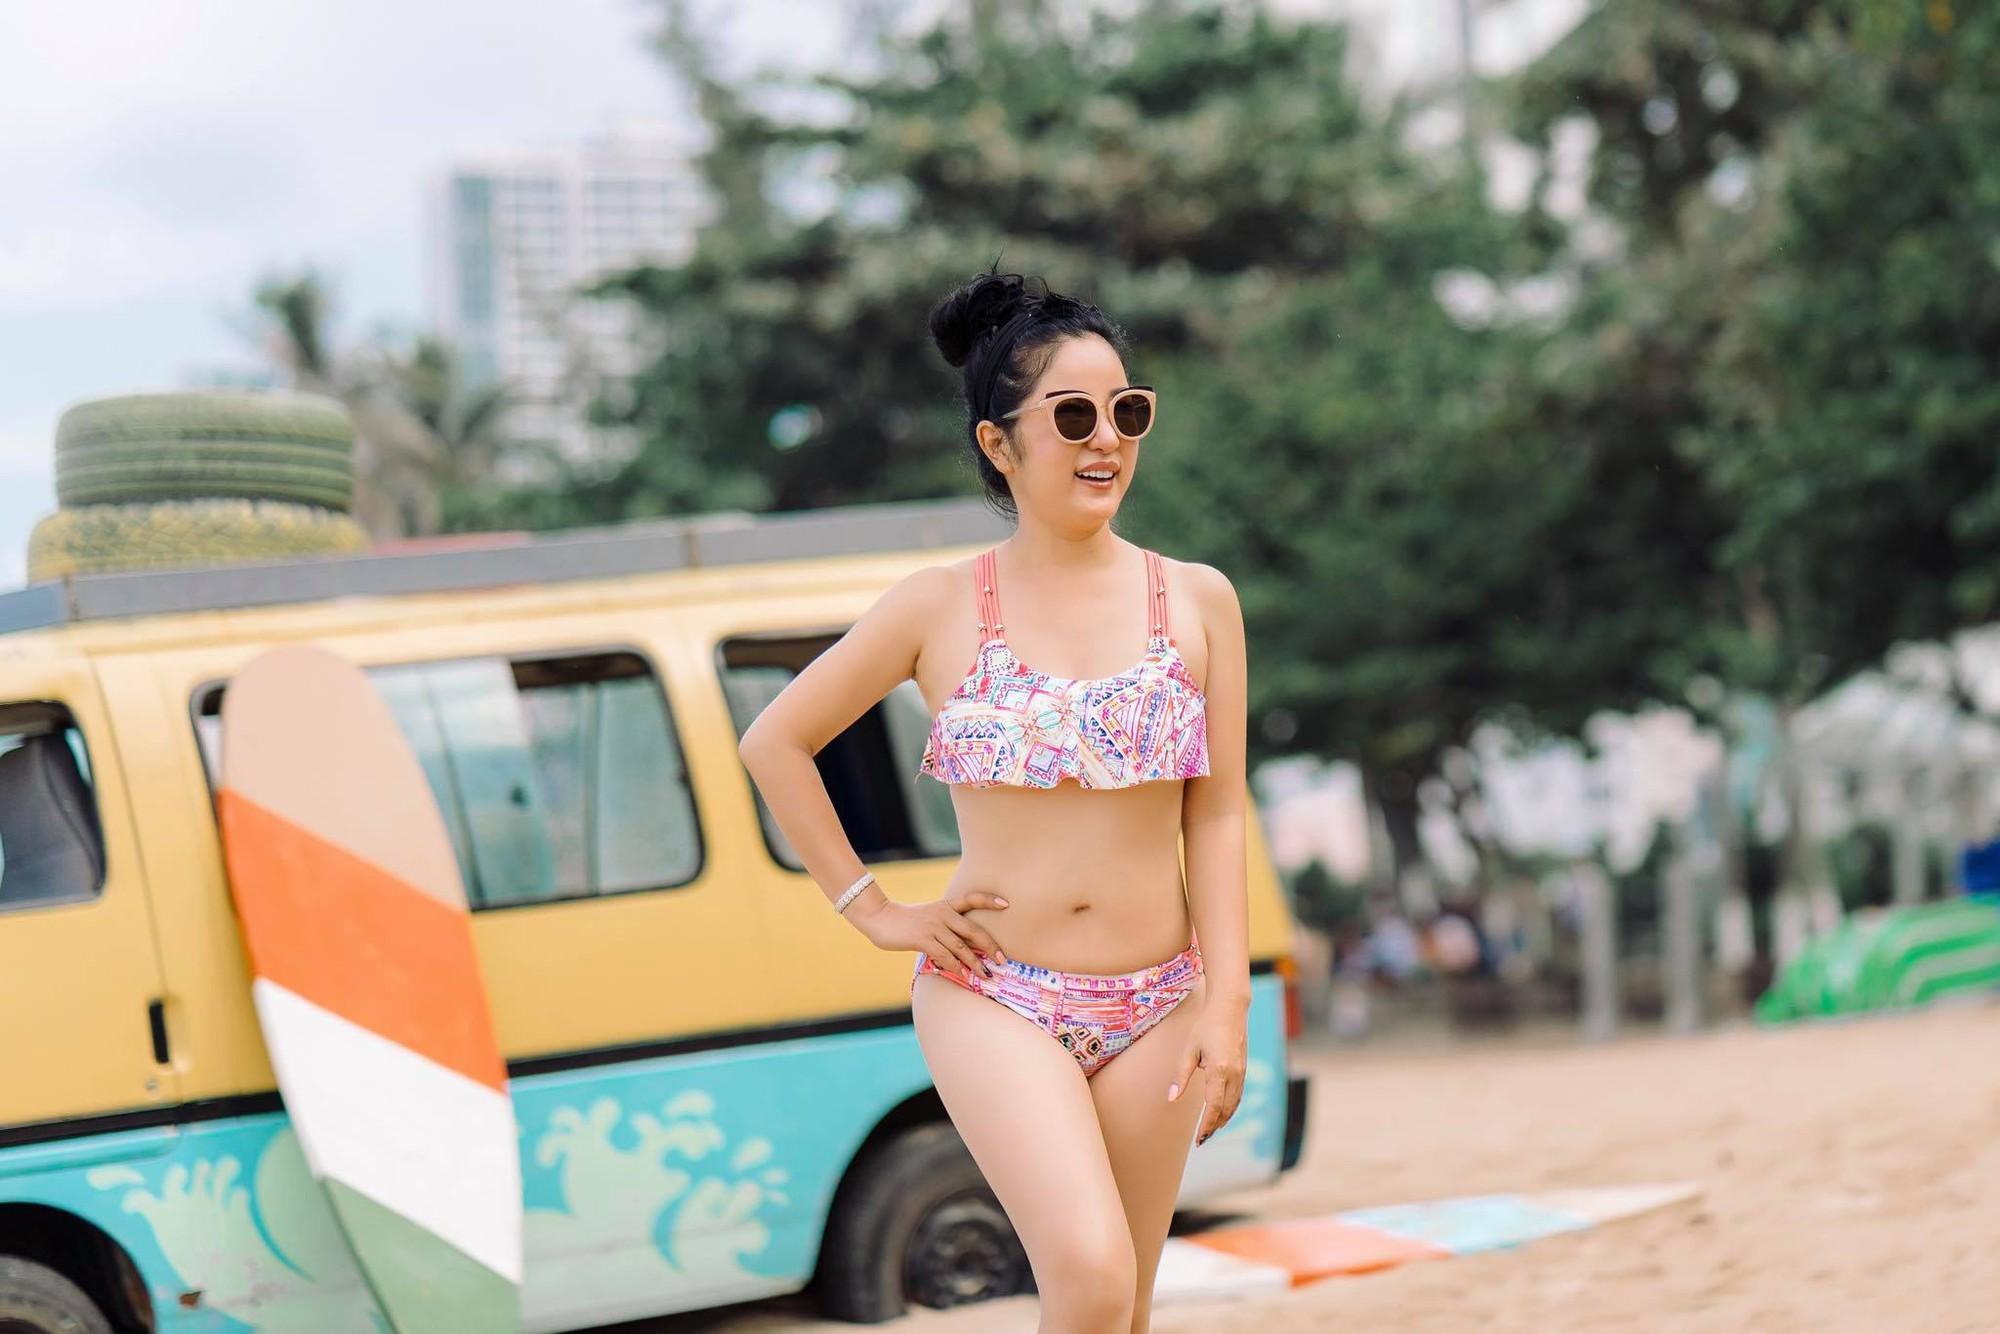 Danh hài Thúy Nga tự tin diện bikini hai mảnh, khoe vóc dáng gợi cảm ở tuổi 42 - Ảnh 2.